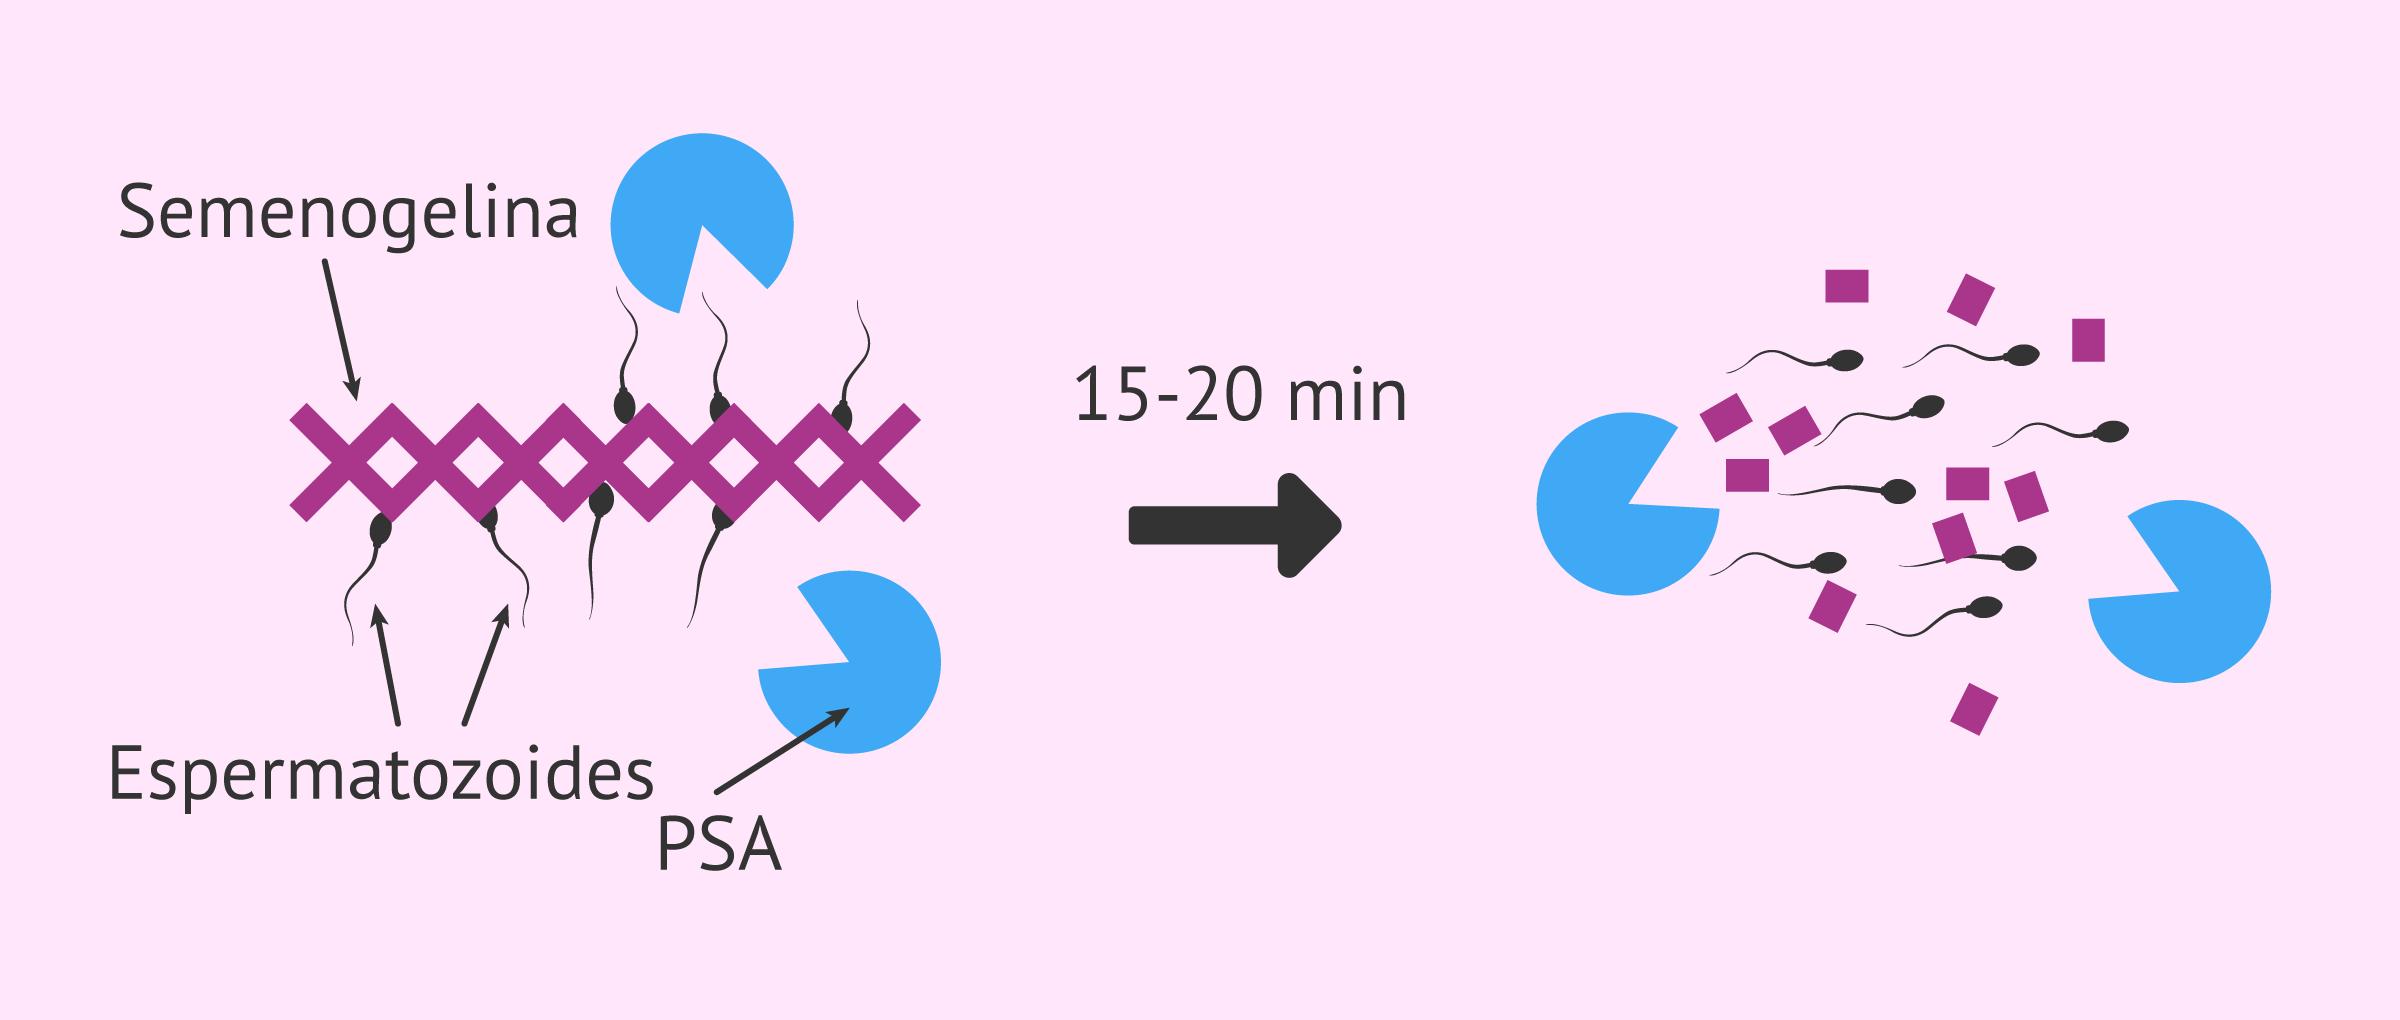 ¿Cómo afecta la densidad del semen a la fertilidad?